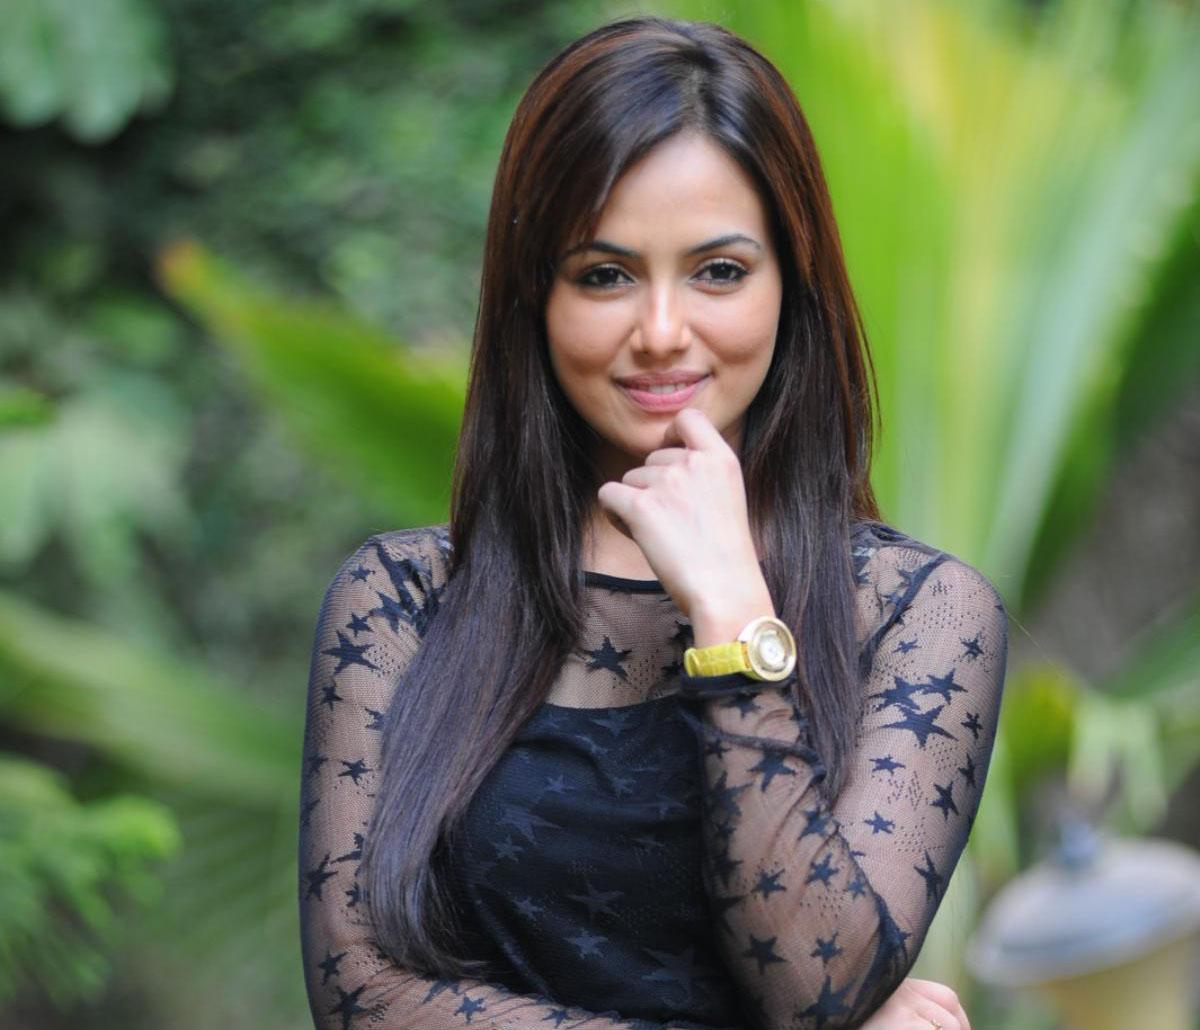 Sana Khan New Hot Babes Latest HD Wallpaper 2012-2013